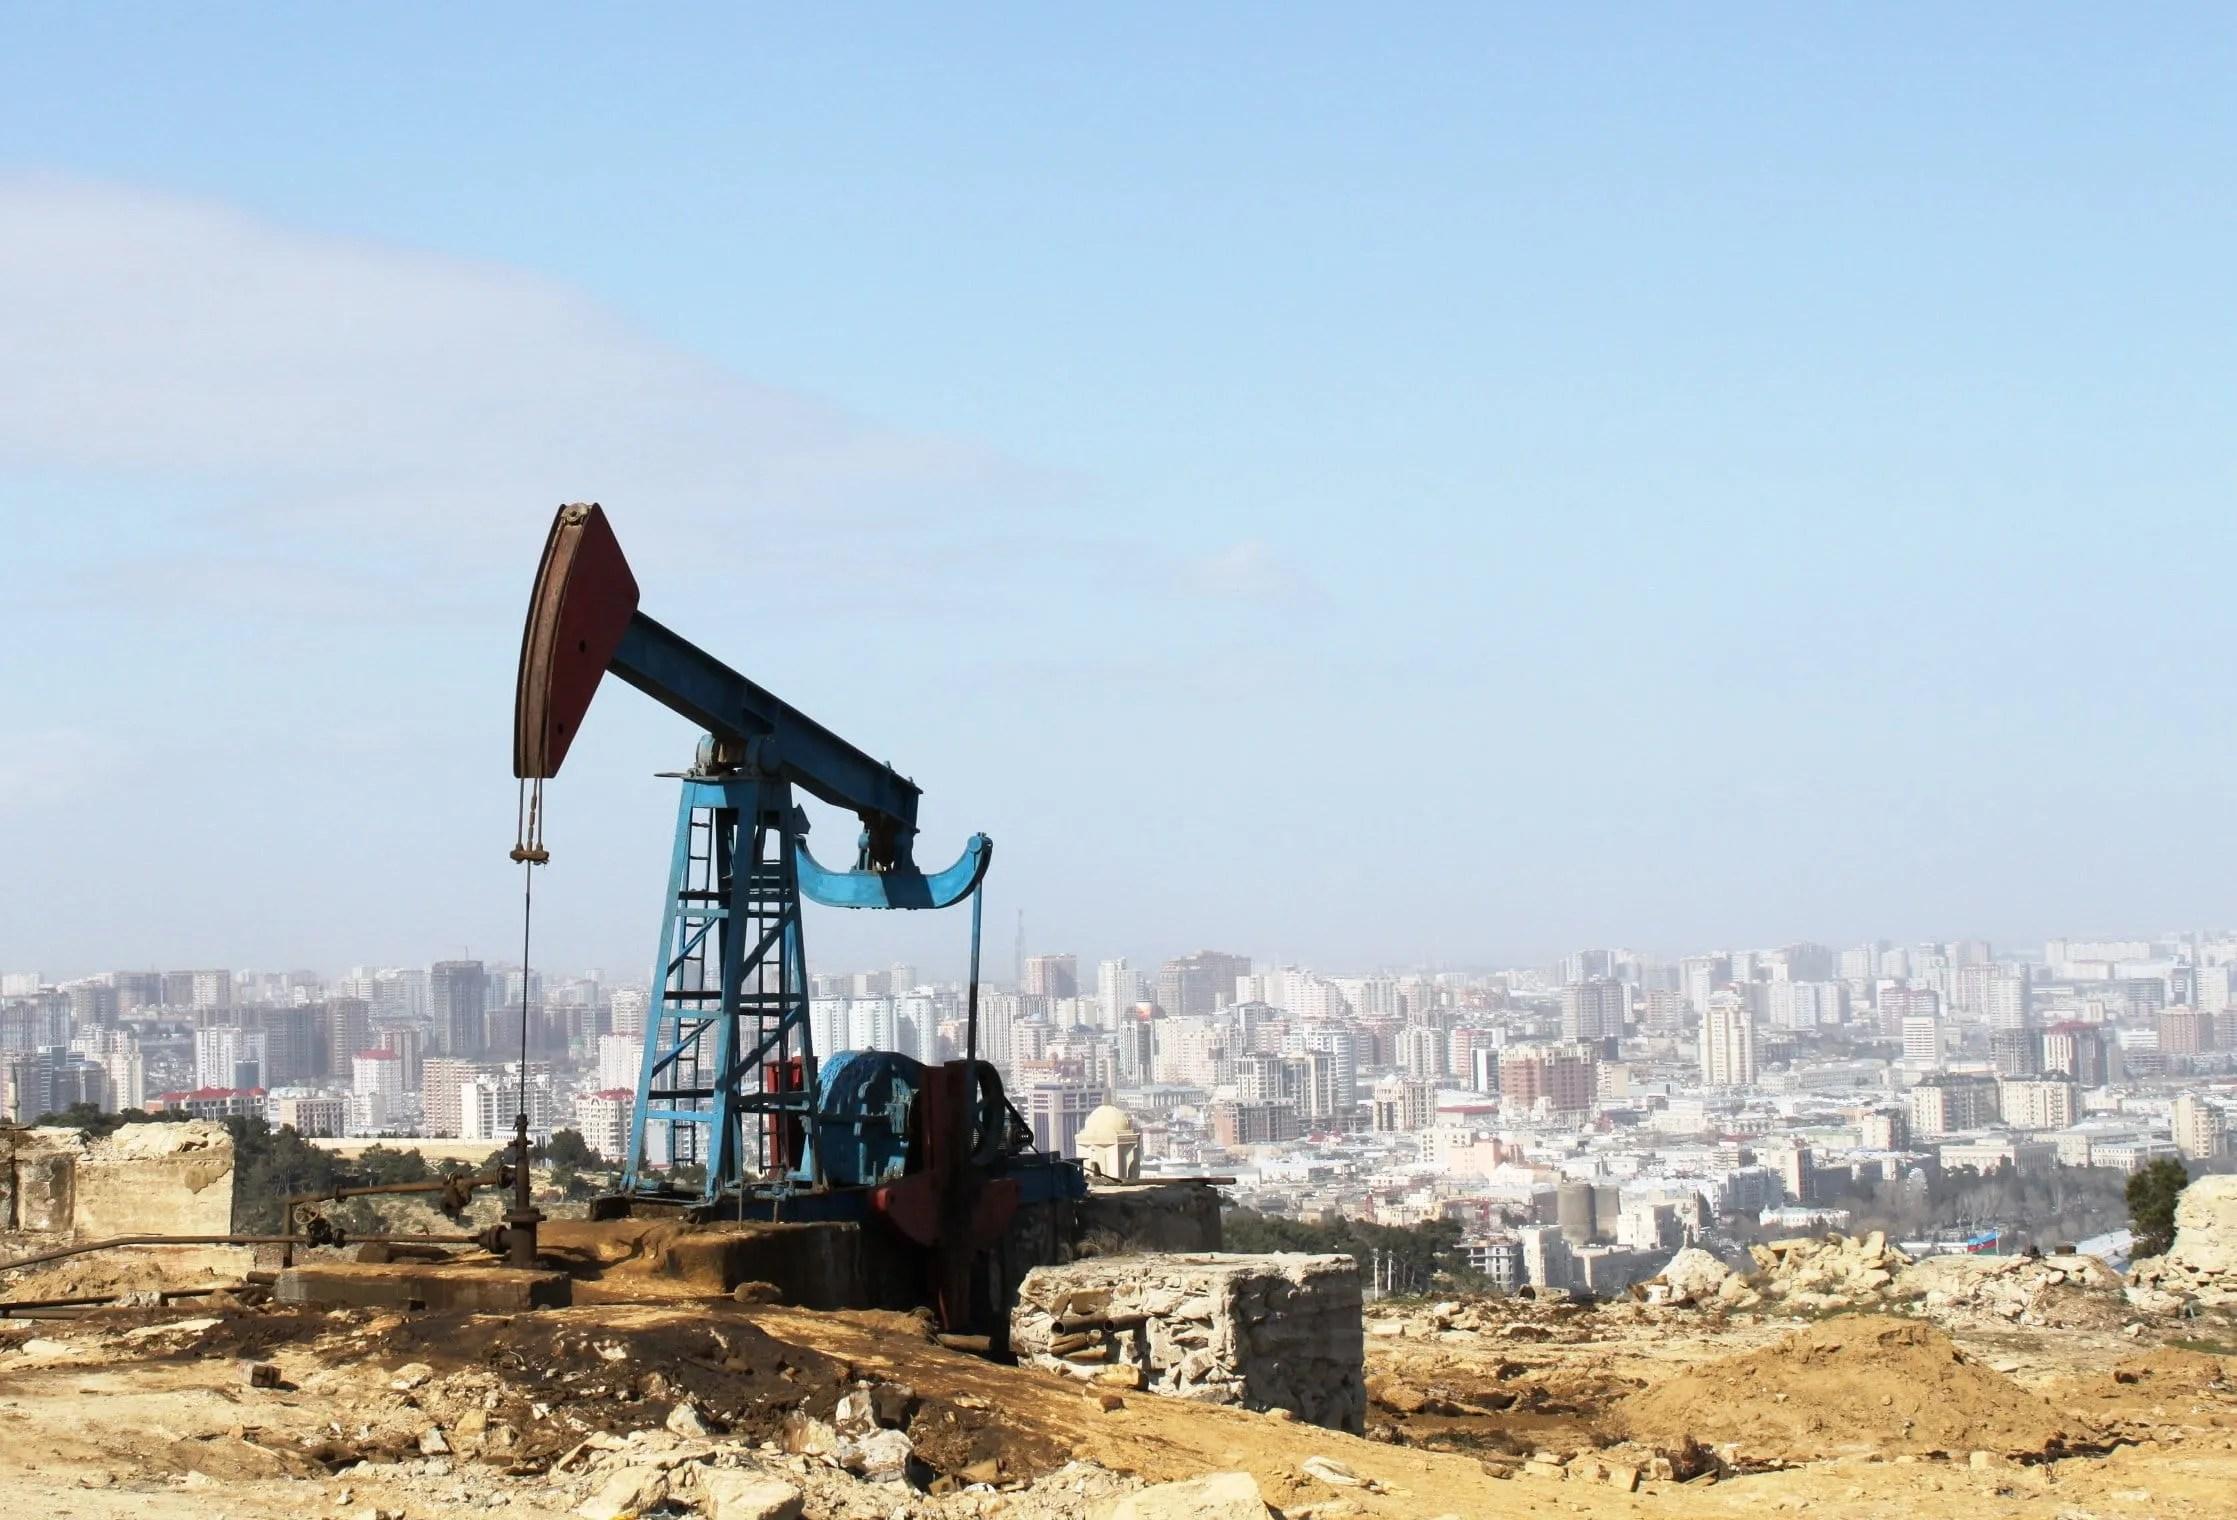 turkmenistan oil market